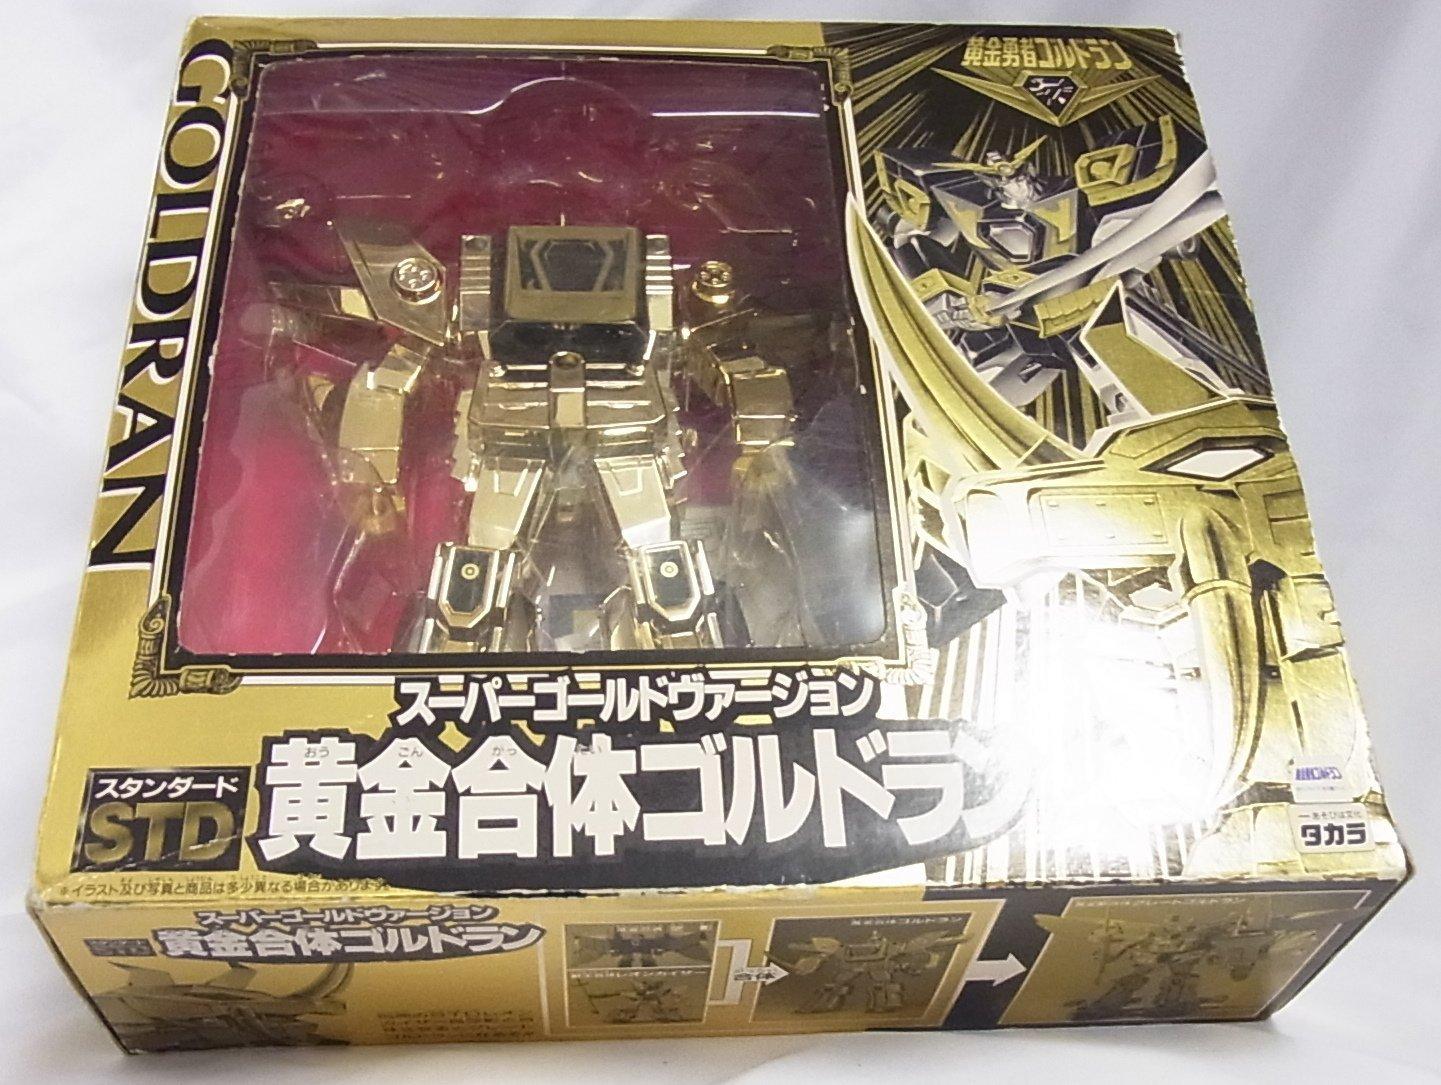 【新品】 黄金勇者 ゴルドラン STD黄金合体ゴルドラン スーパーゴールド ヴァージョン ※箱にダメージございます。